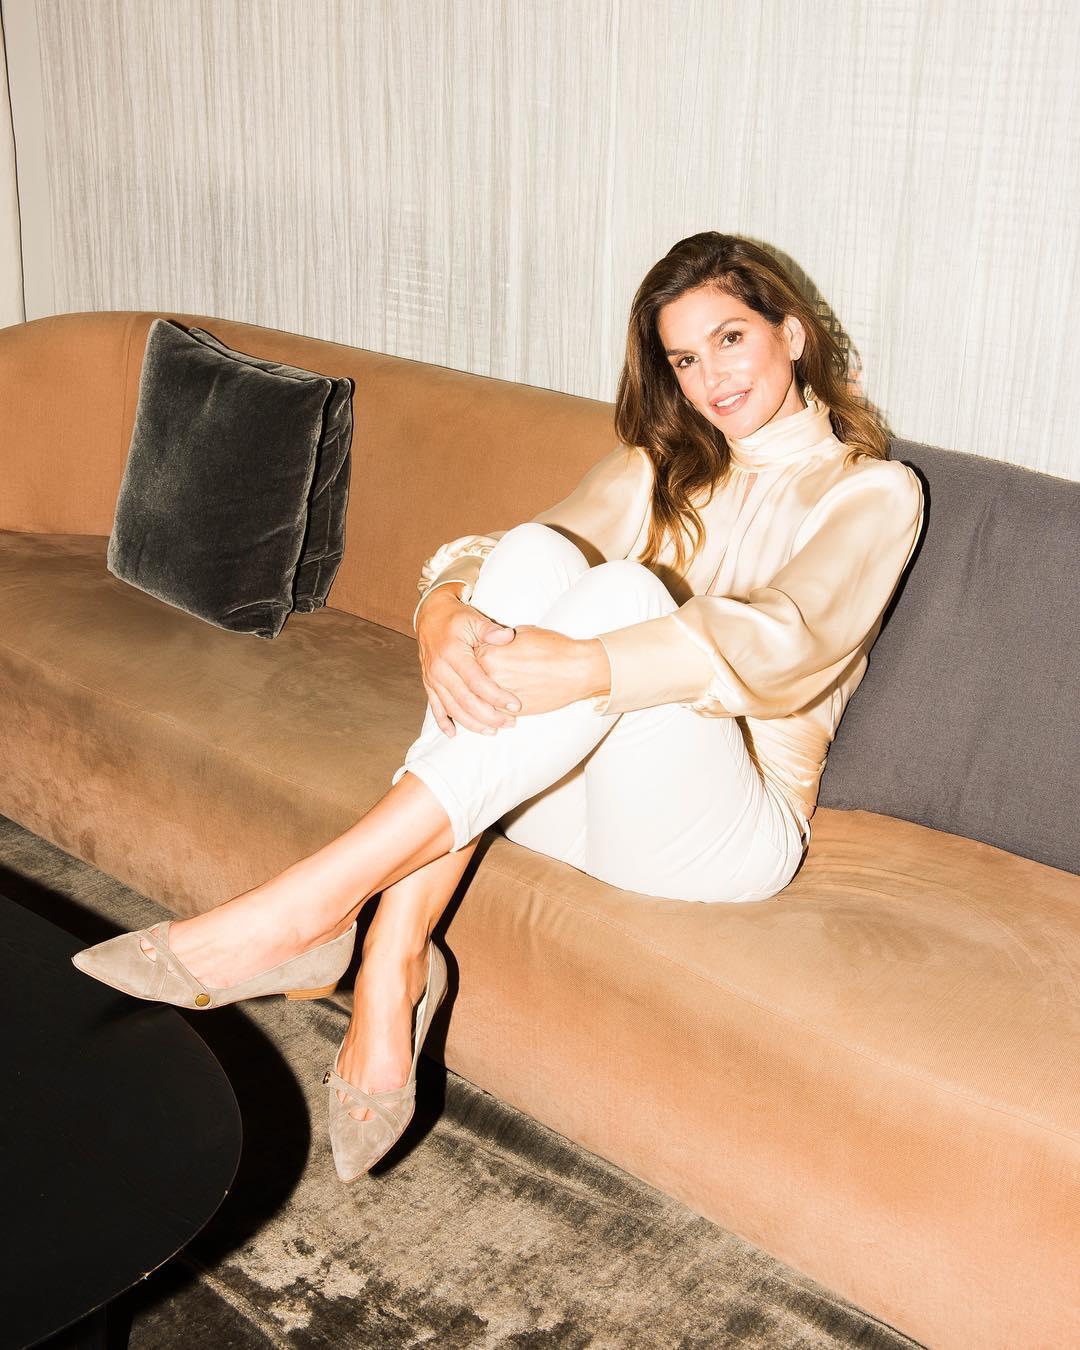 những câu nói hay của cindy crawford mặc áo satin mang giày mũi nhọn ngồi trên ghế sofa